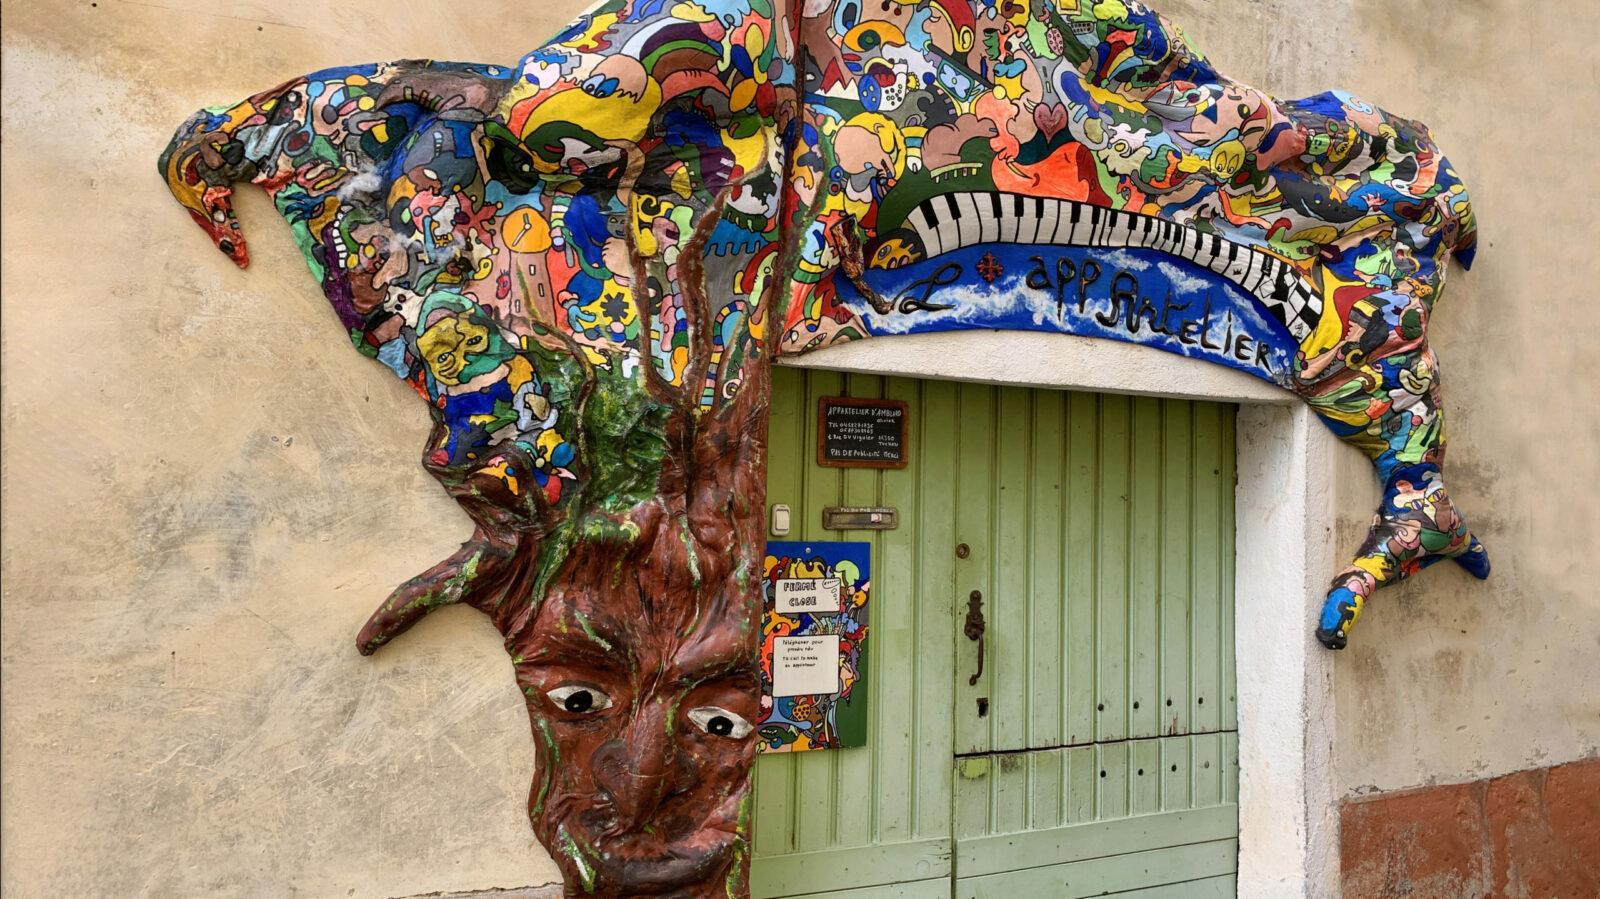 Fitou: Ein Kunstler hat sich in Tuchan auf der Fassade ausgetobt. Foto: Hilke Maunder